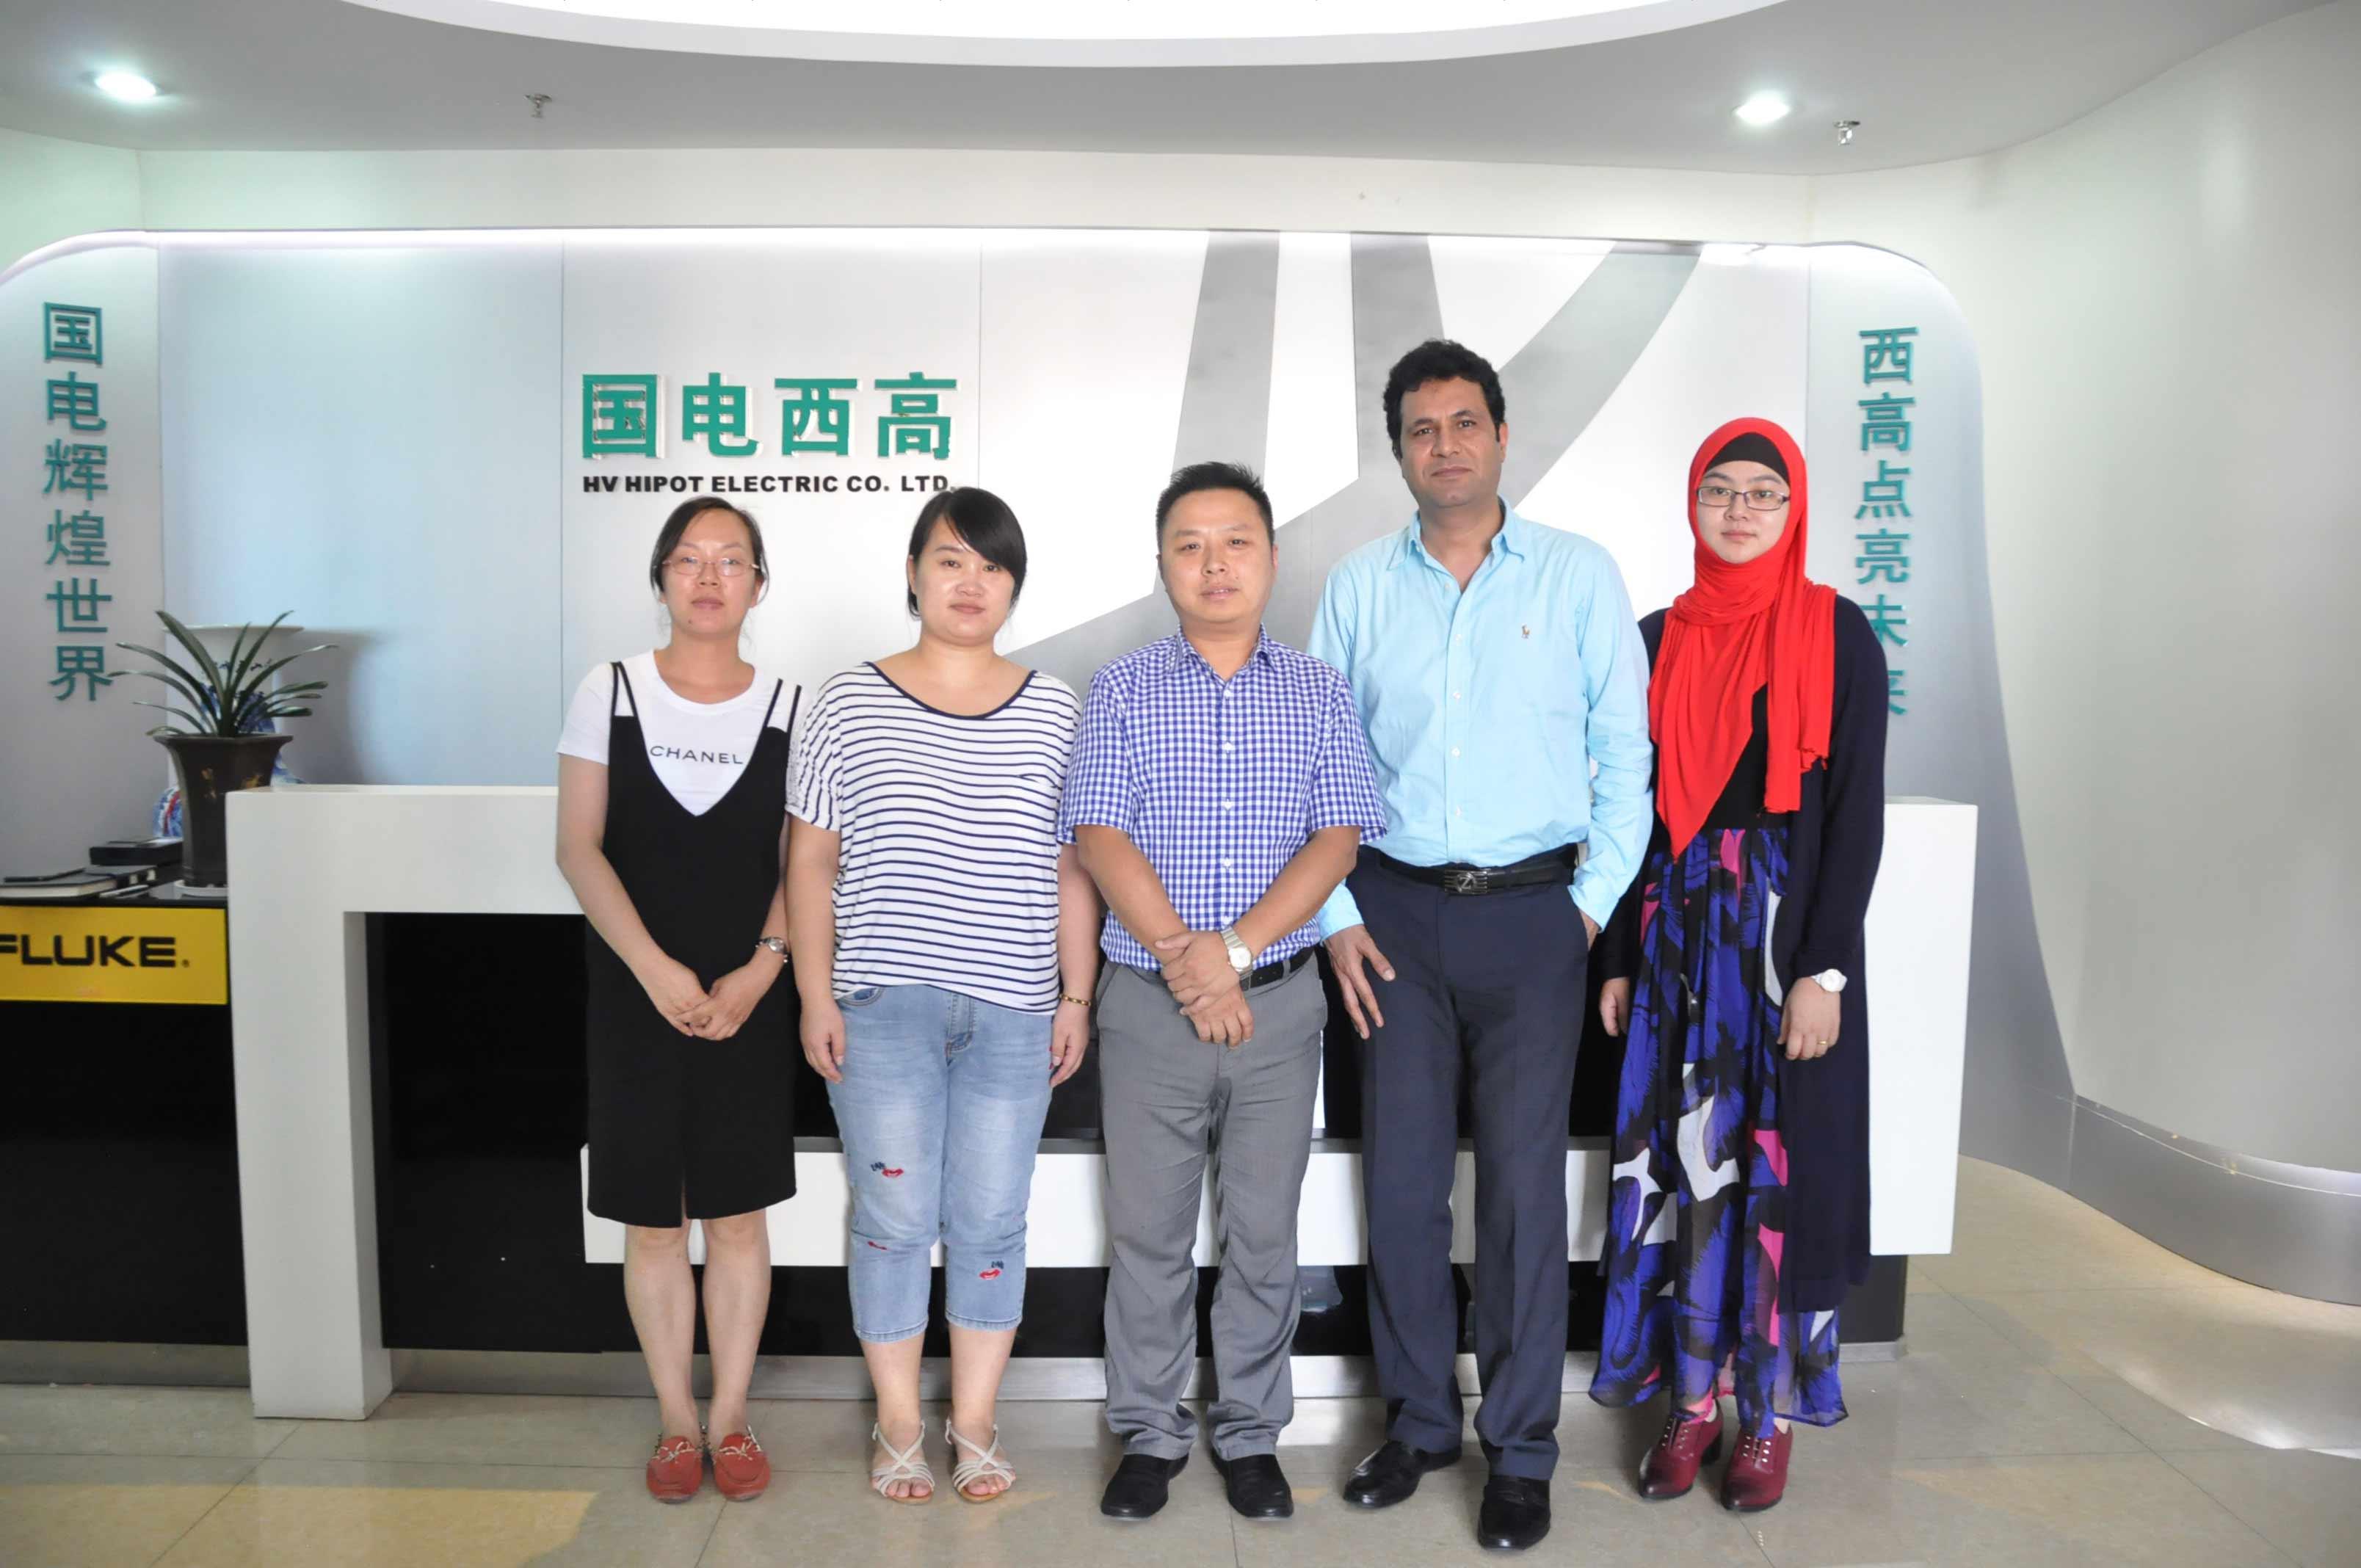 Pakistan clients visit HV Hipot